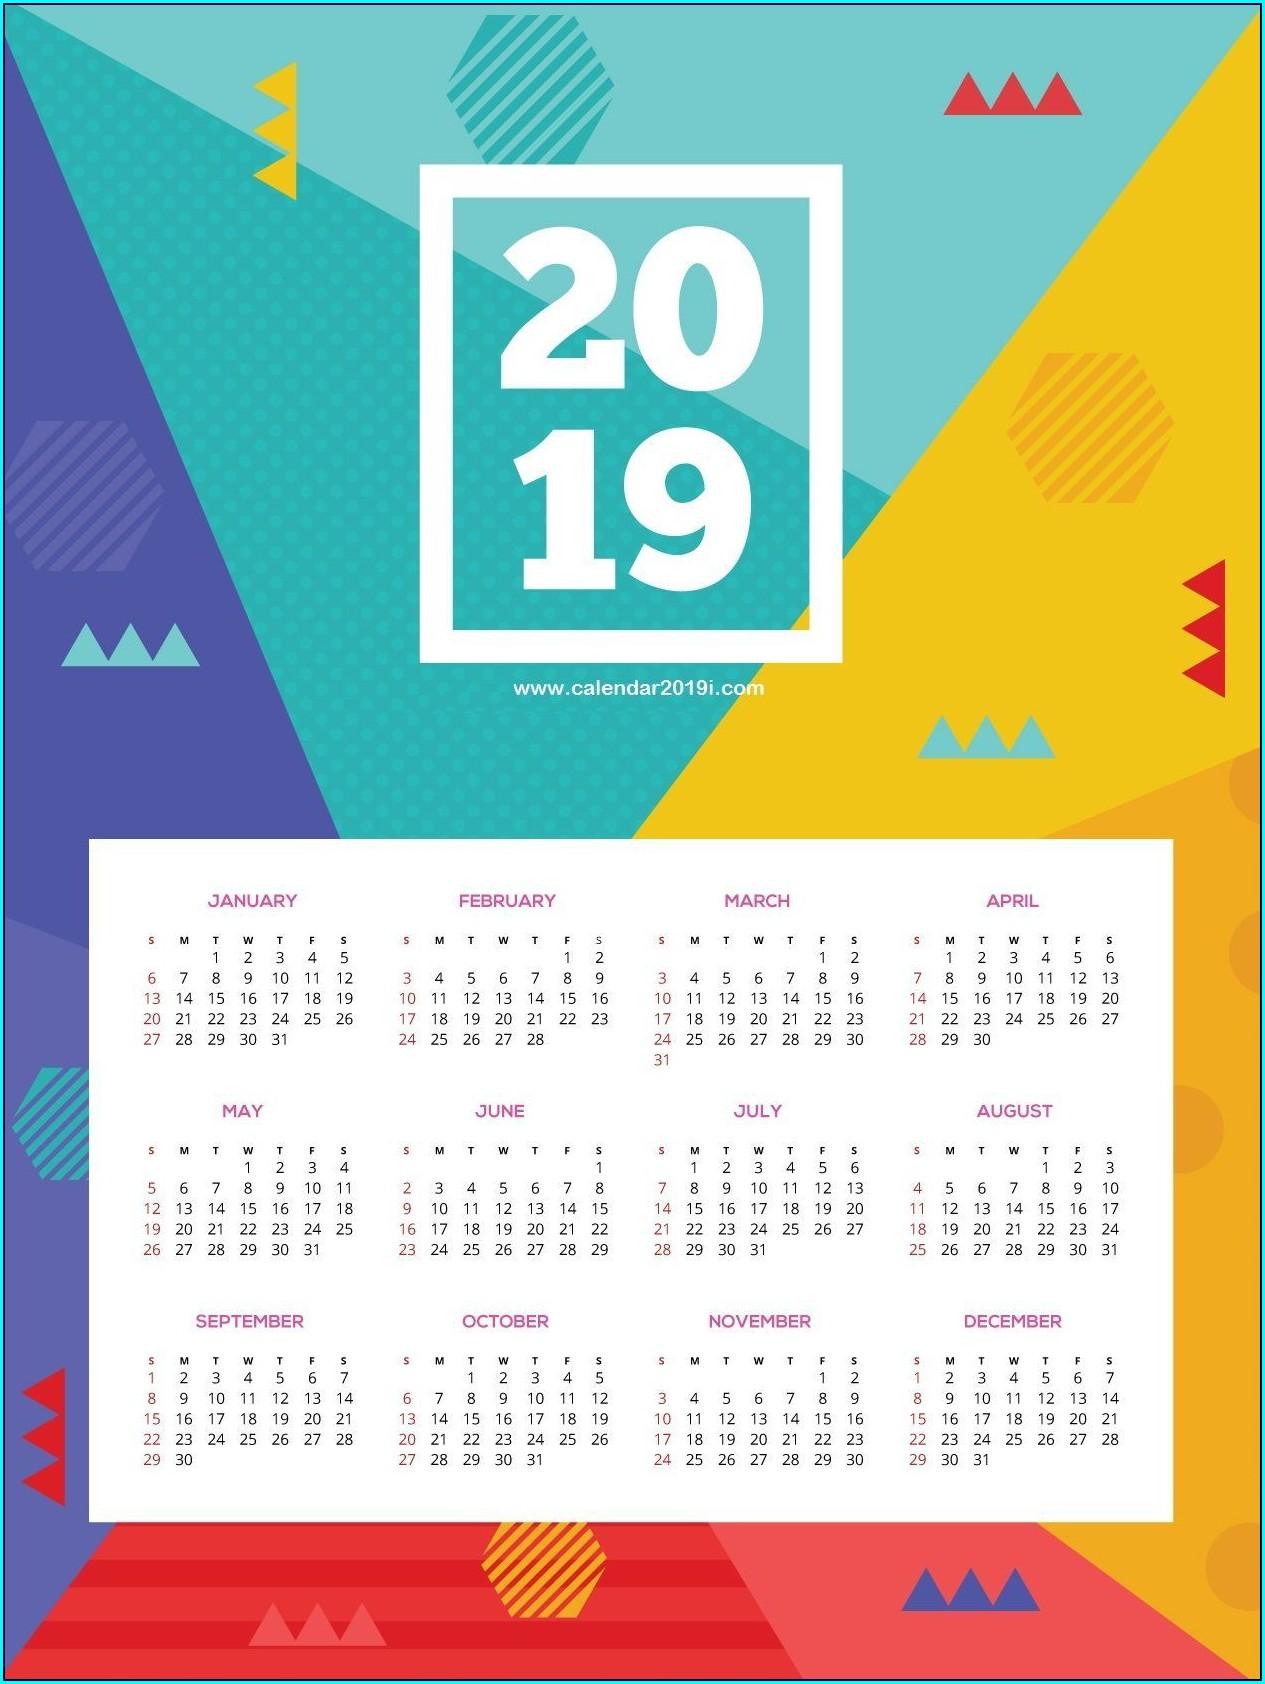 Wall Calendar Template 2019